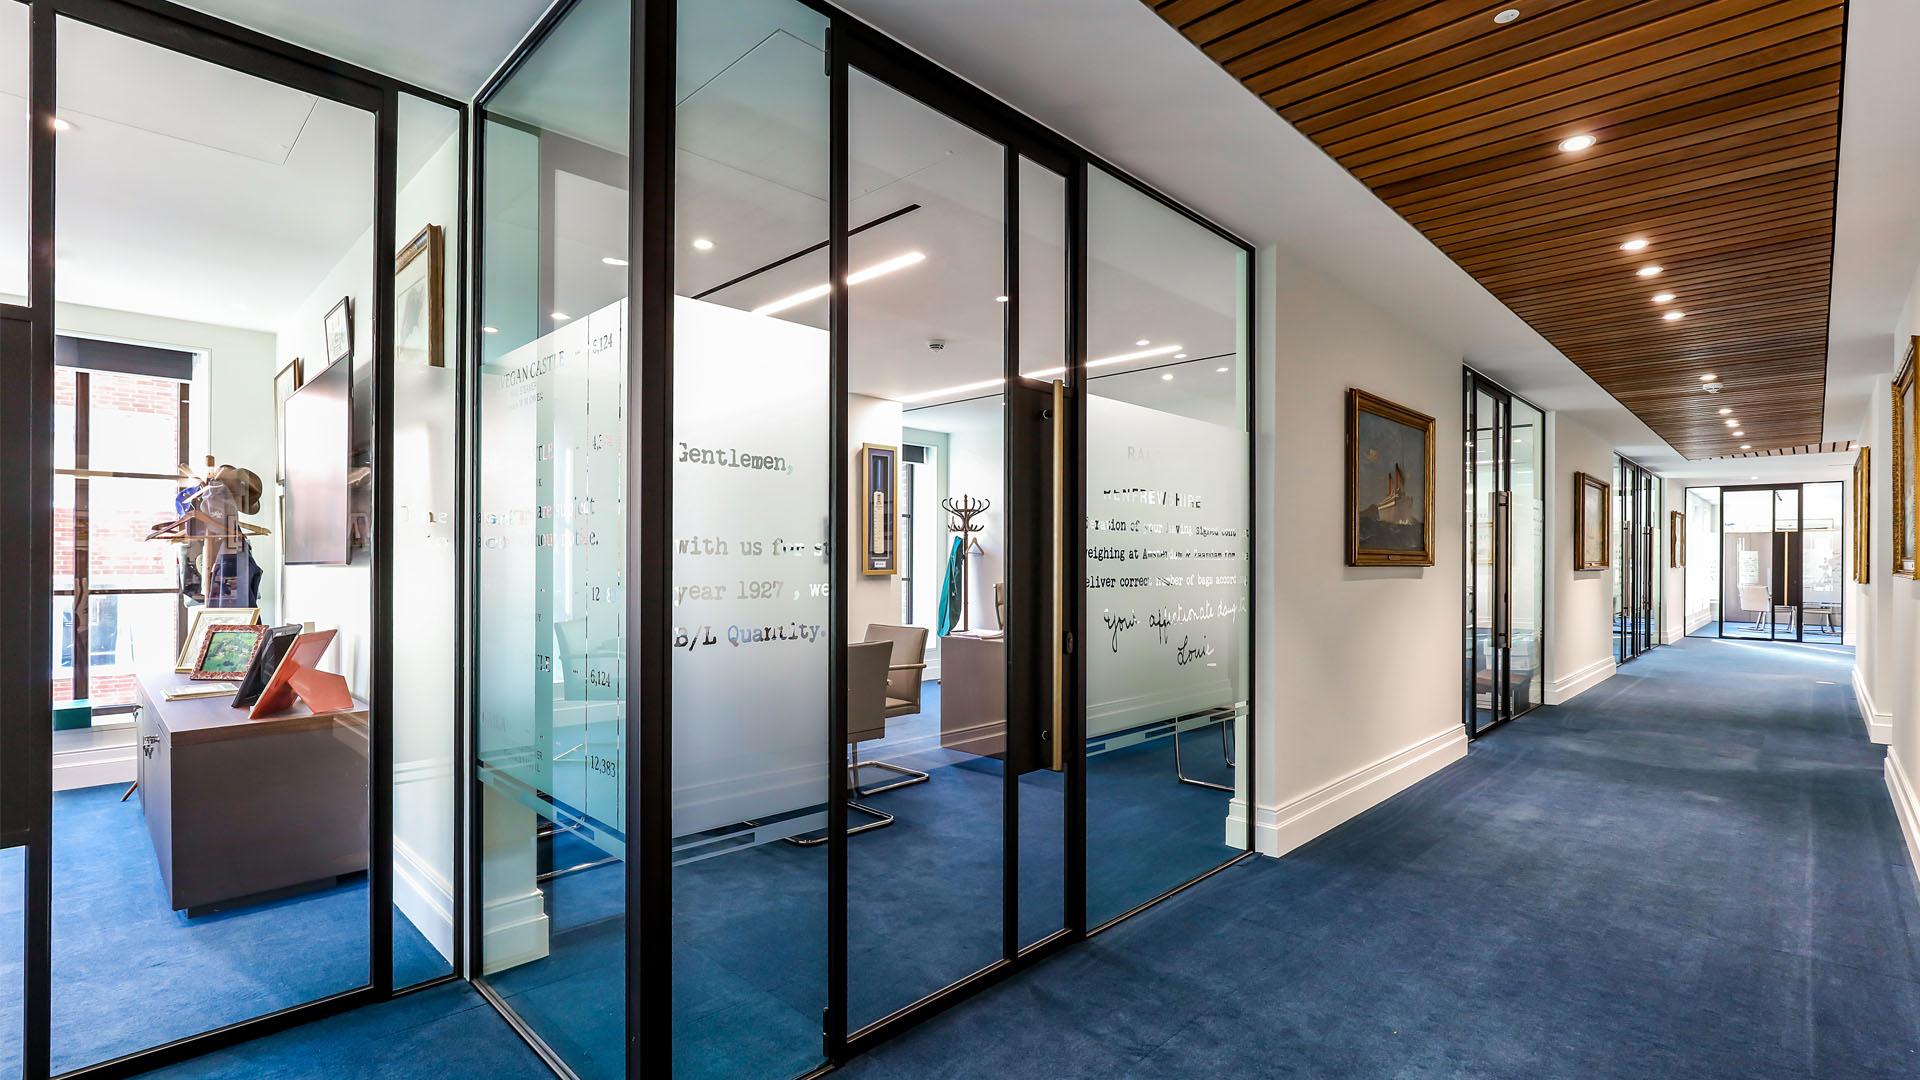 Stylish glazed doors indoors